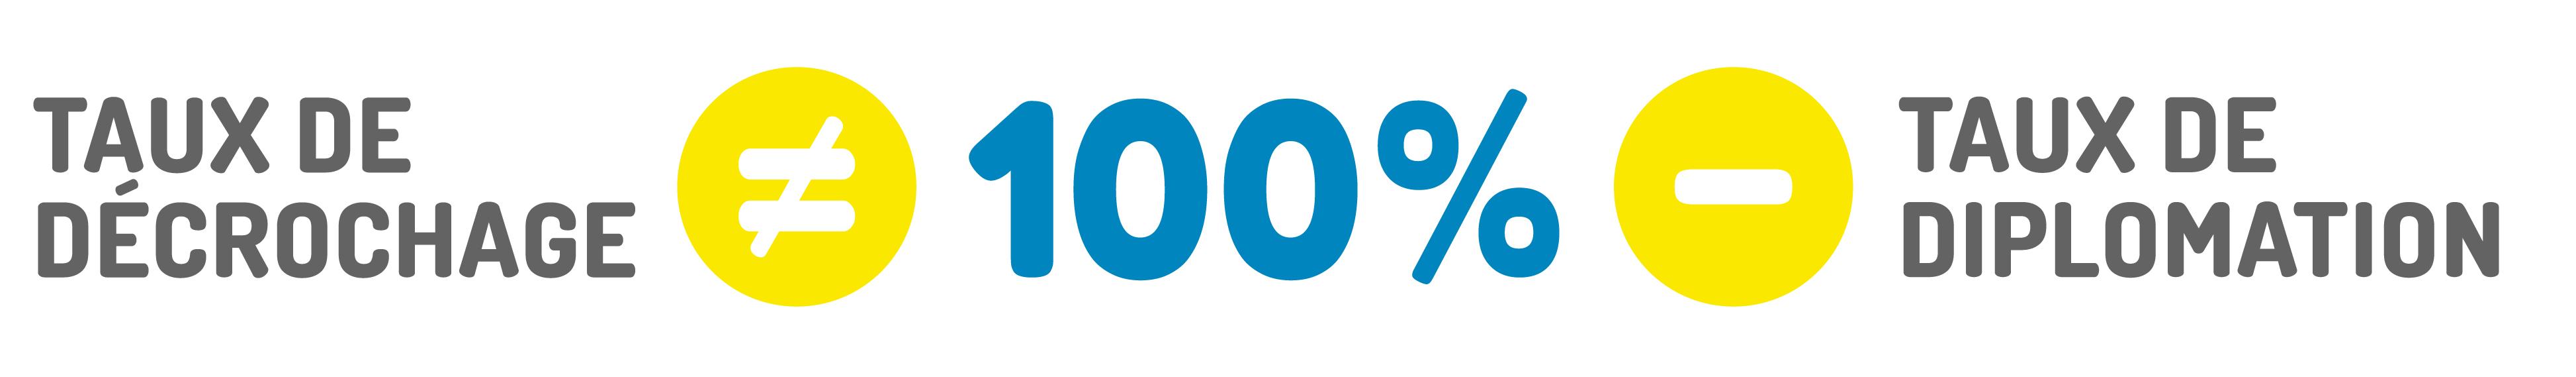 100 % – (taux de diplomation) = taux de décrochage